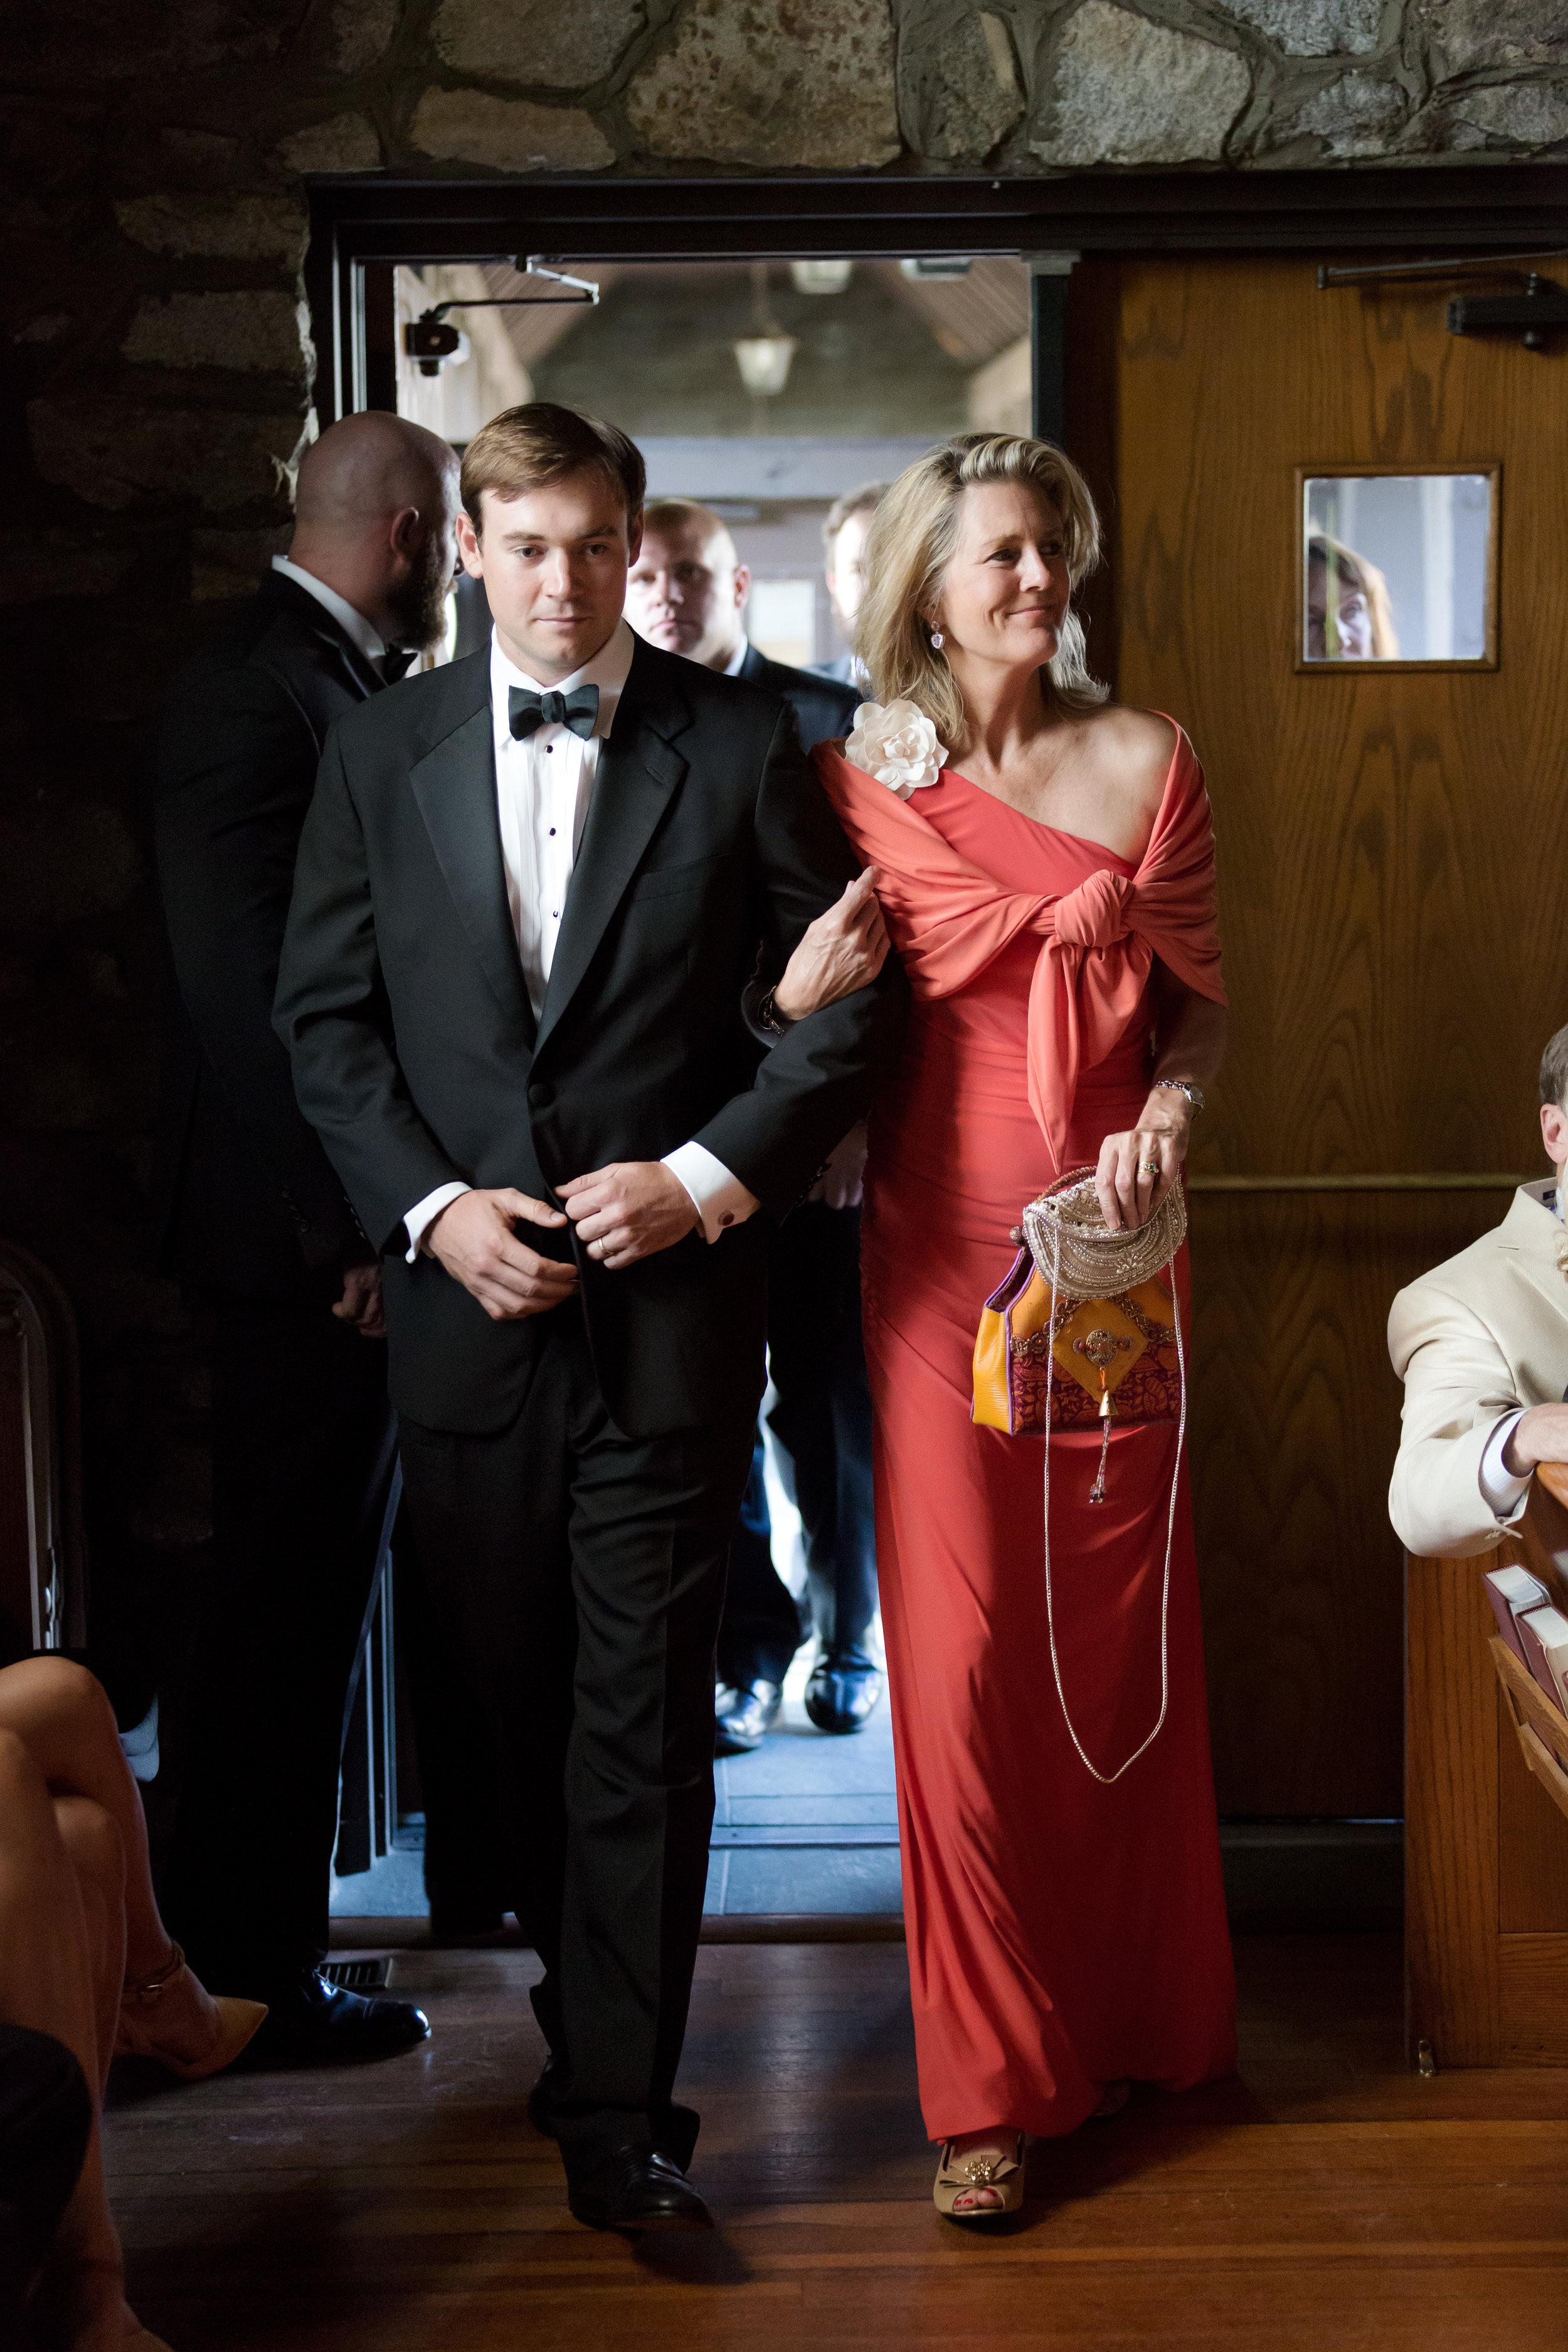 Morgan Wedding_Saturday_Full_053015_222.jpg